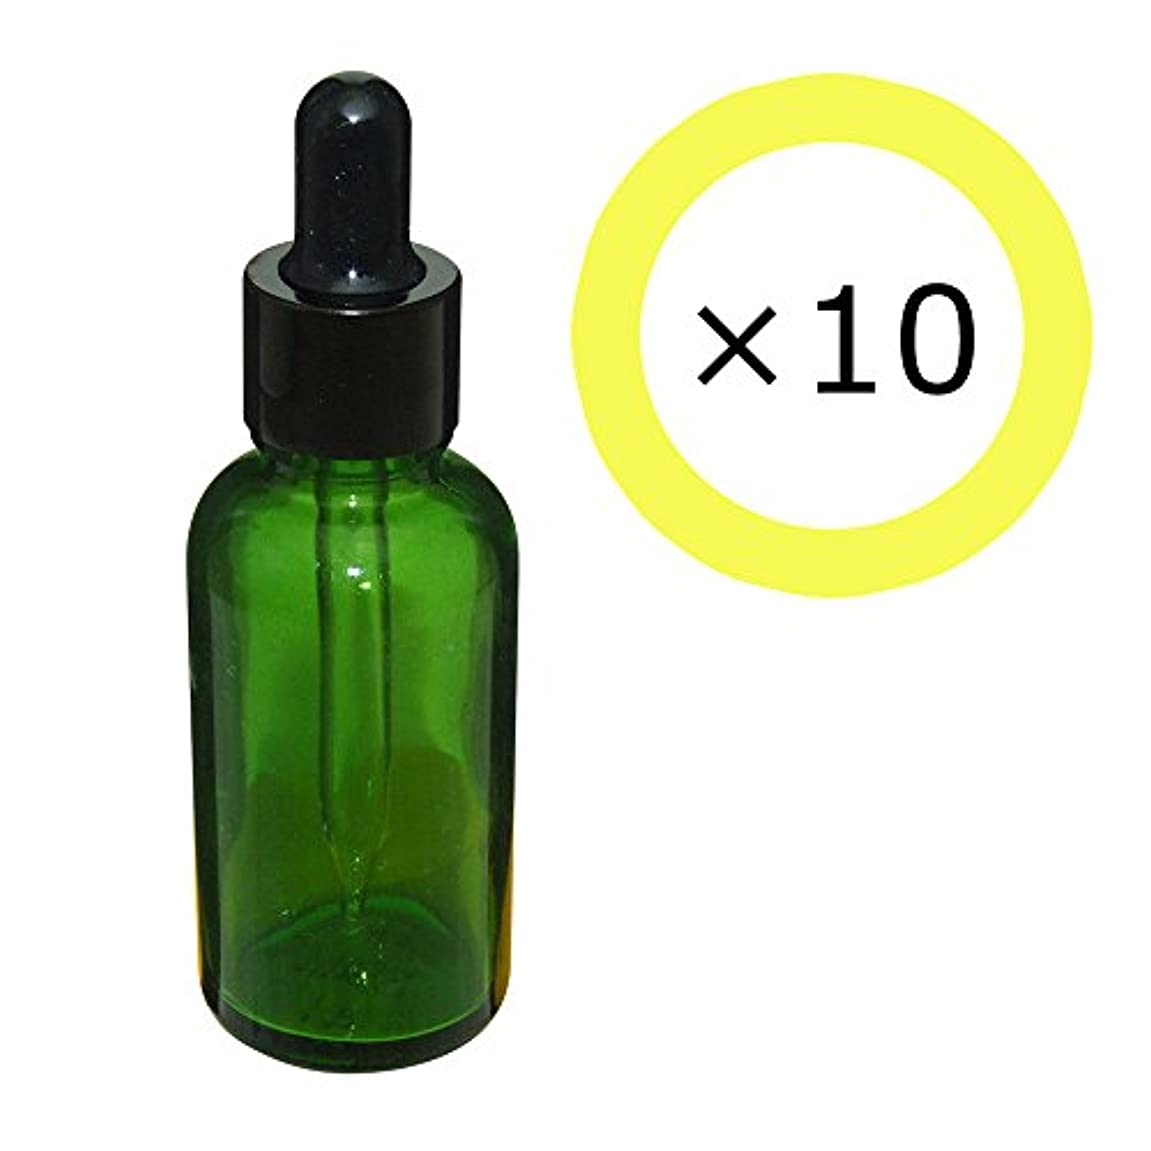 ツーリスト毛細血管ベリーガレージ?ゼロ 遮光ガラス スポイド瓶 先細タイプ 緑 30ml×10個/アロマ保存